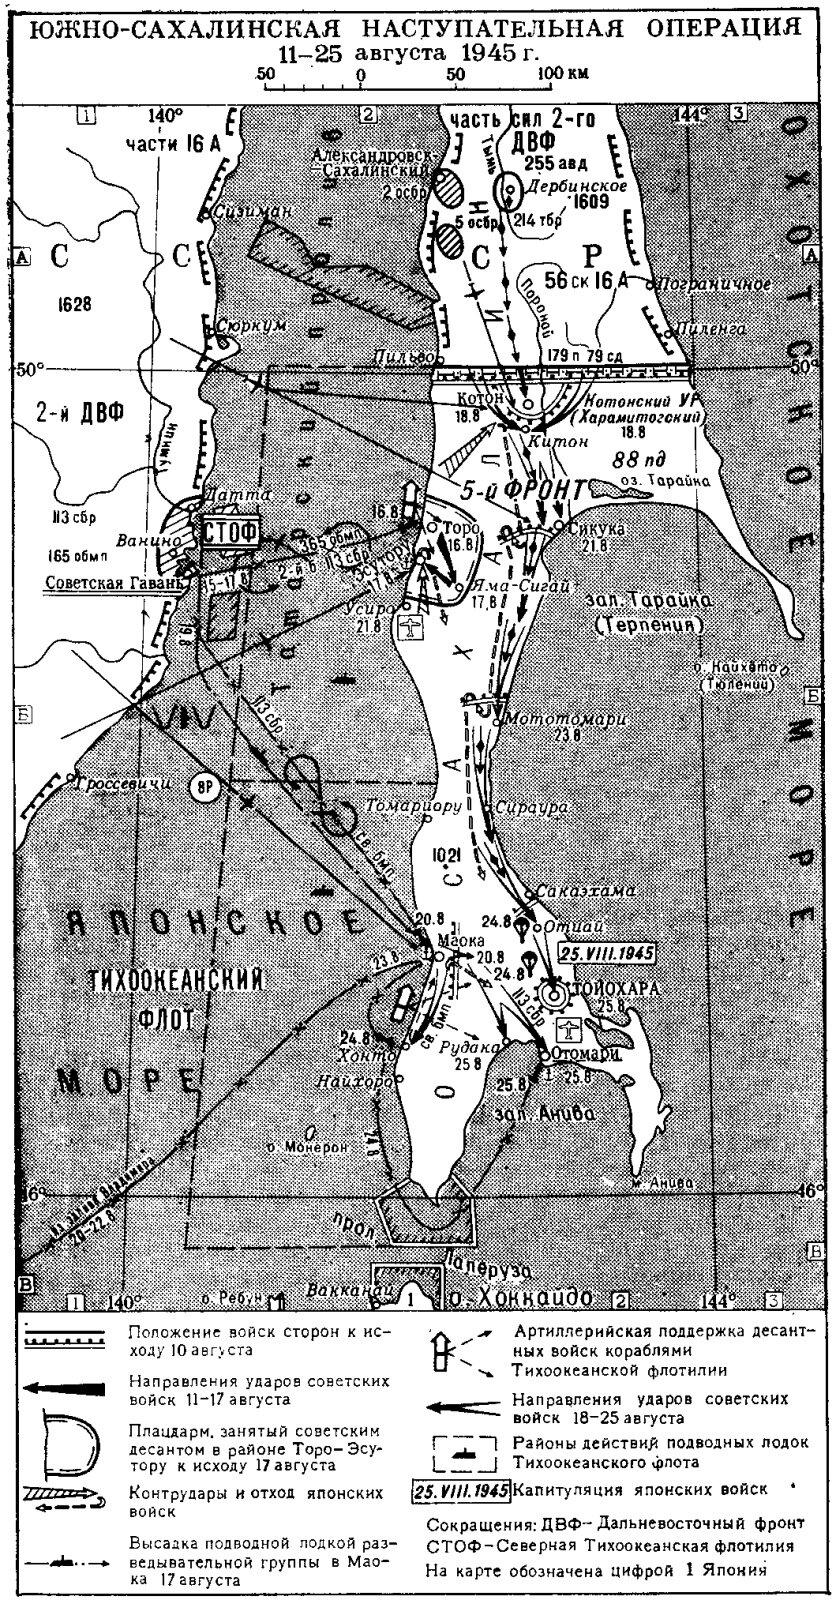 Южно-Сахалинская наступательная операция 11-25 августа 1945 года